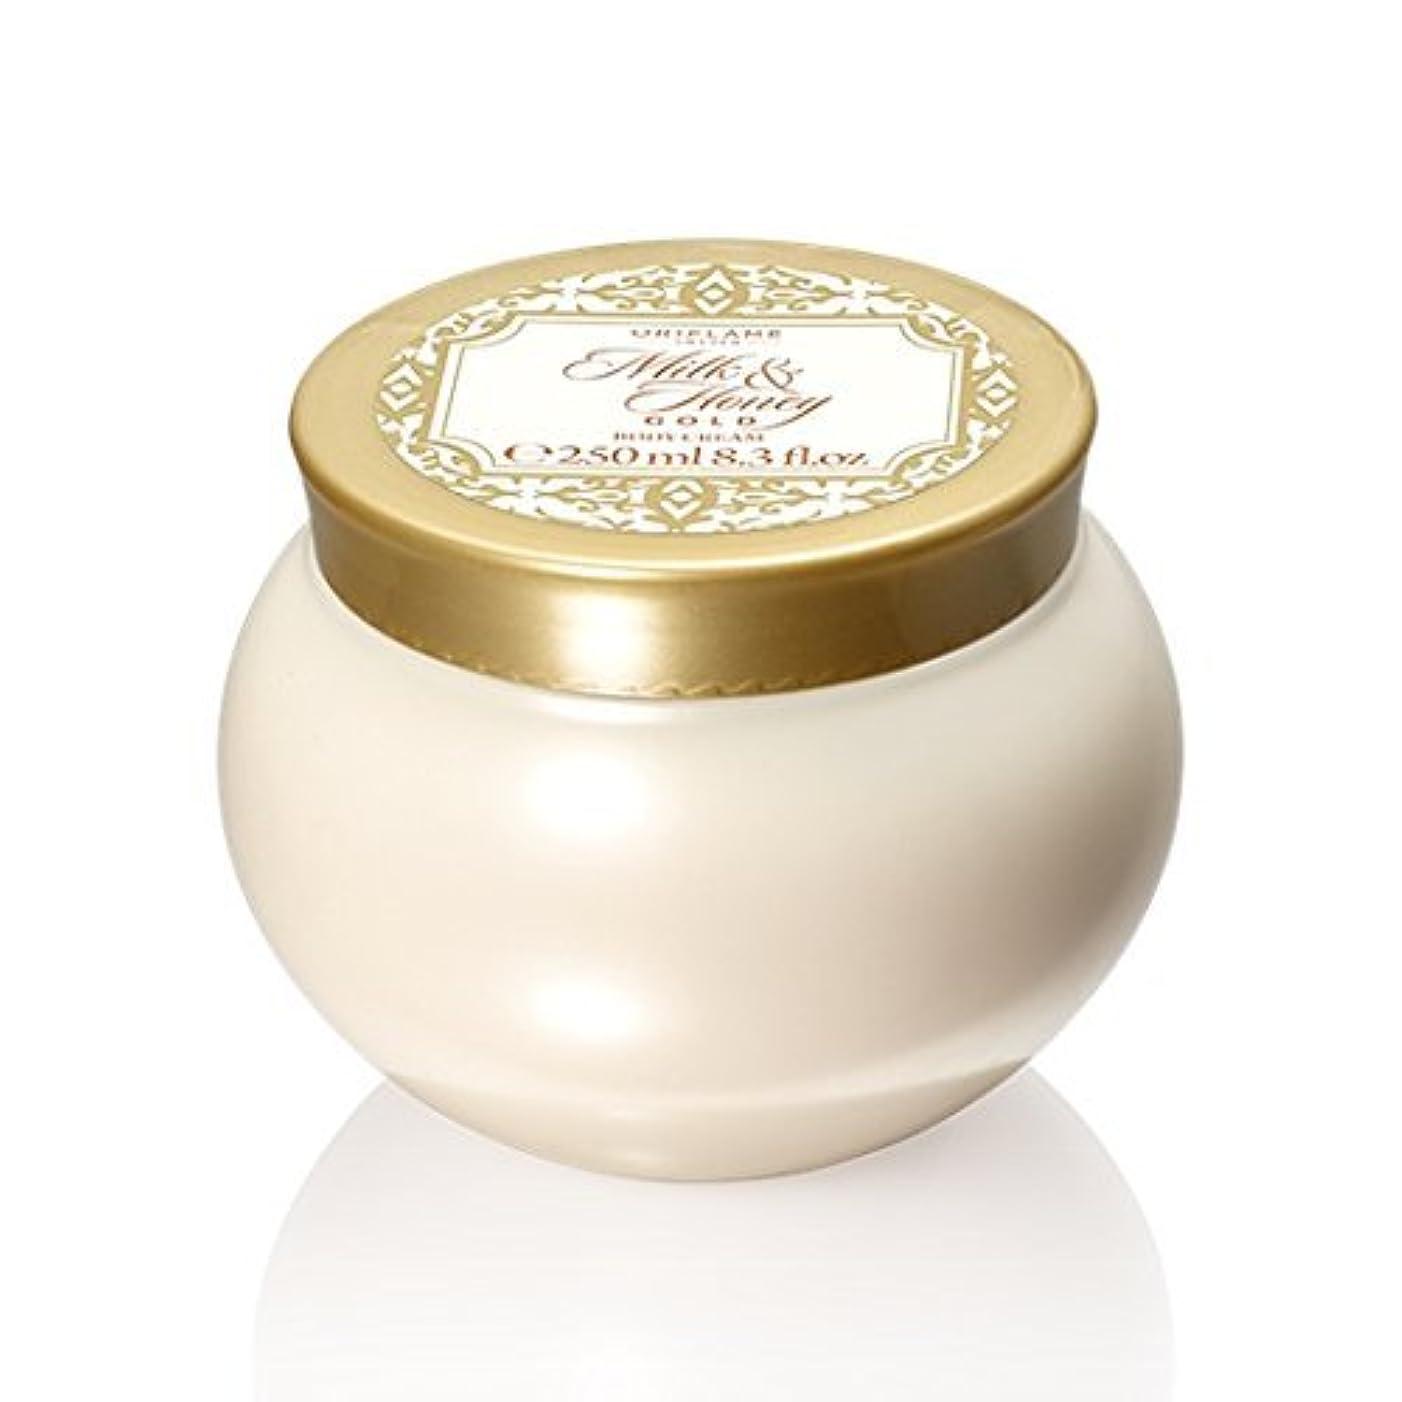 構築する浮浪者プラグMilk and Honey Gold Body Cream by Oriflame